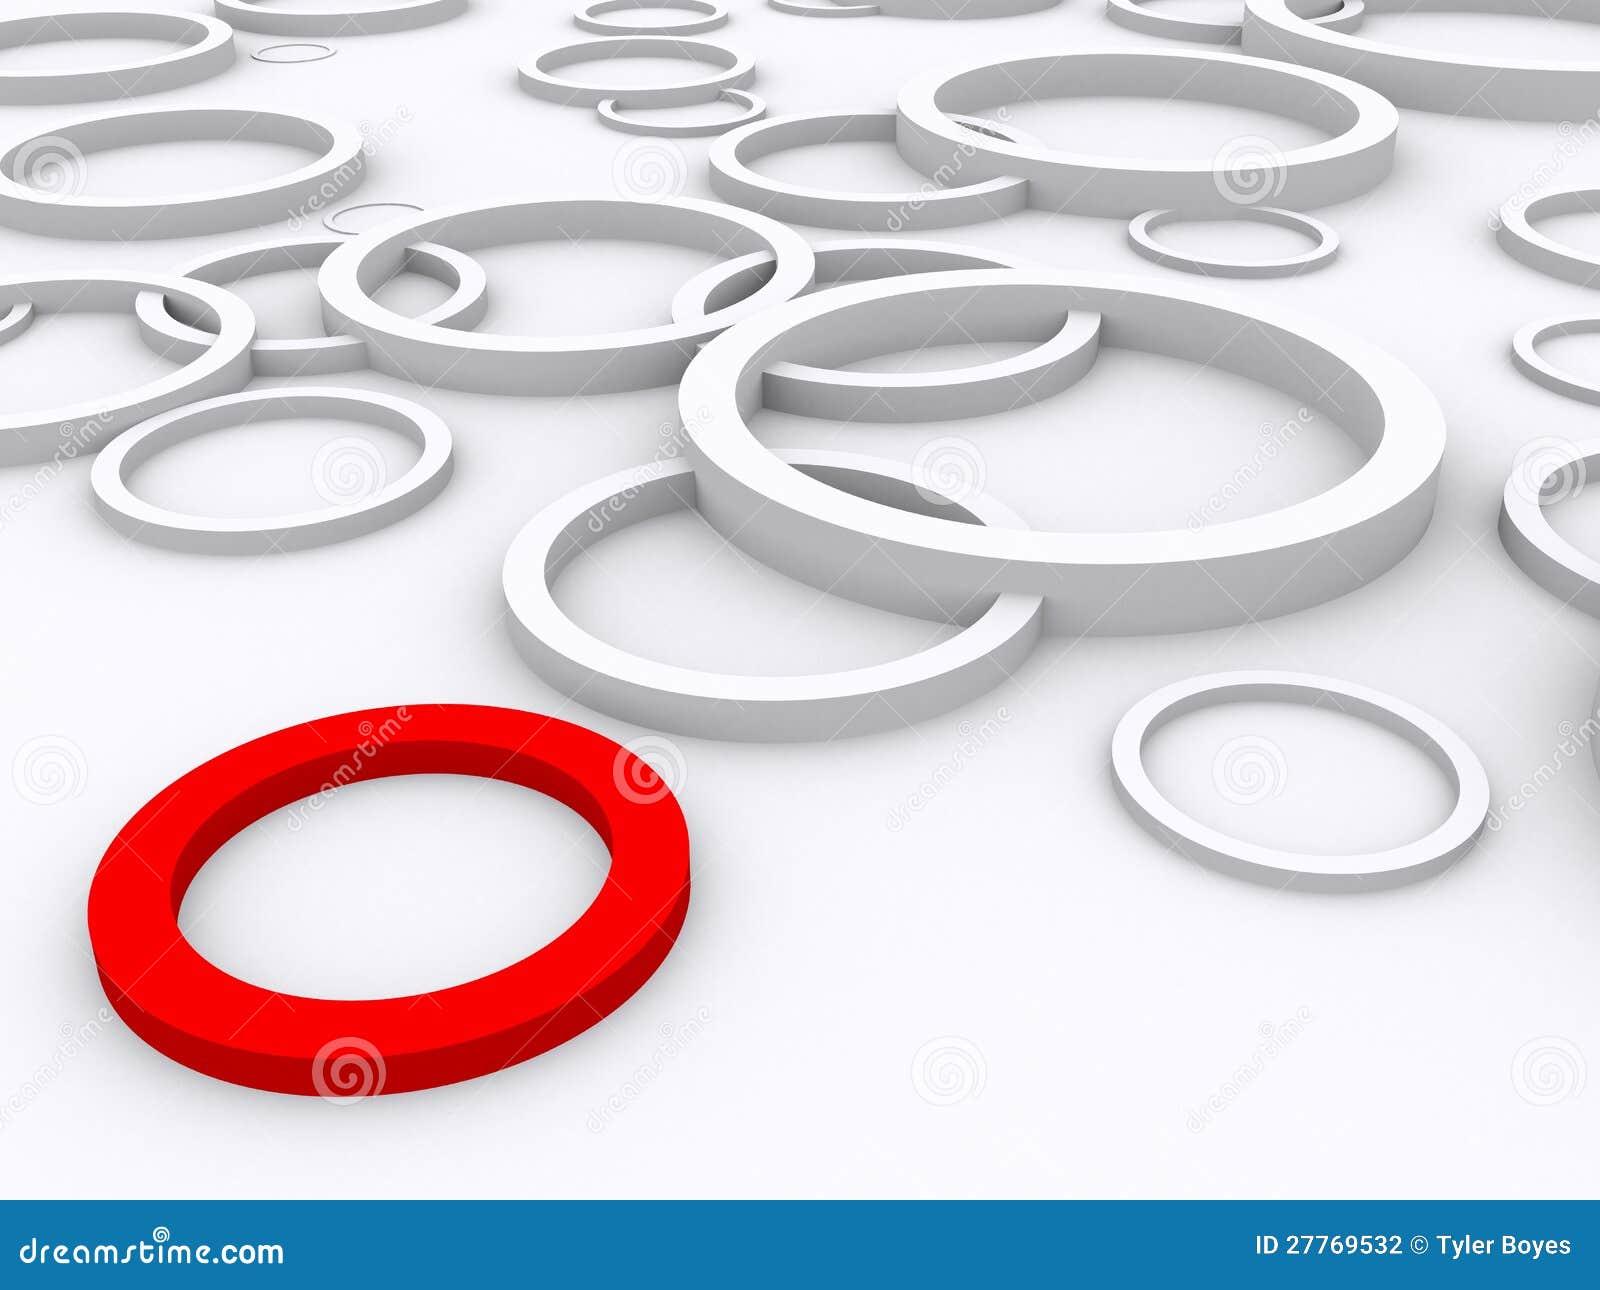 Den röda cirkeln plattforer ut